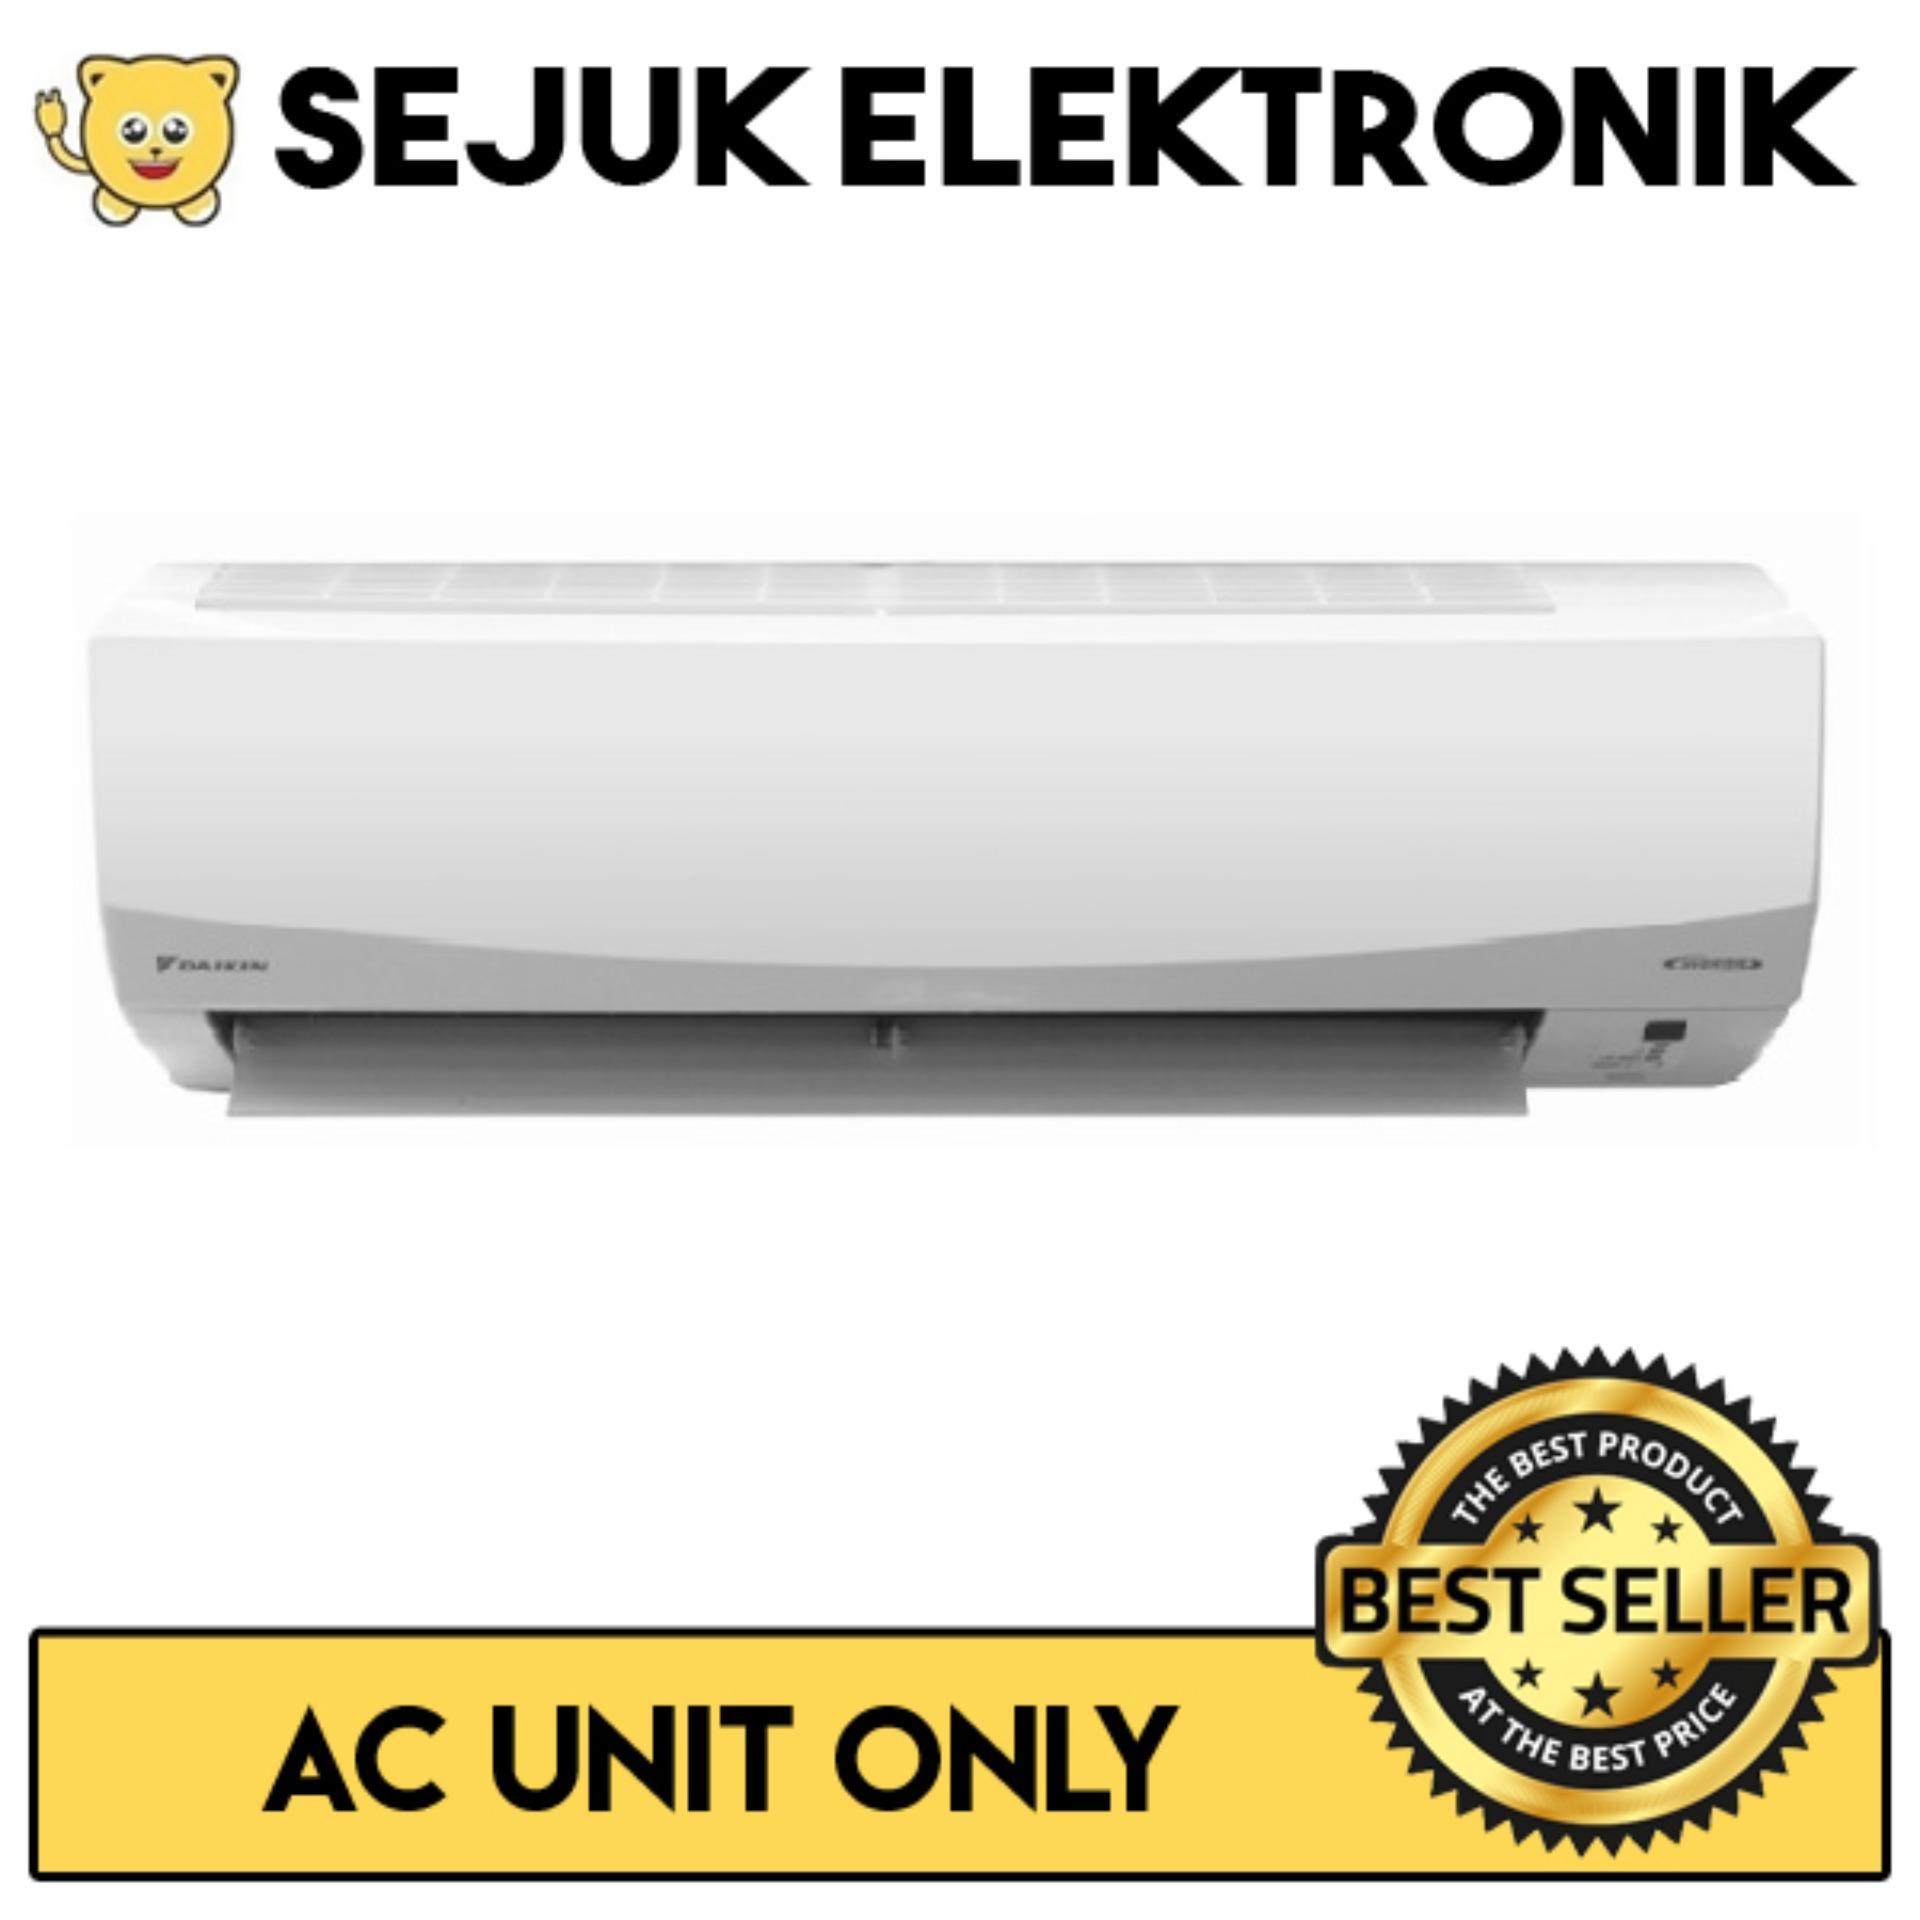 Harga Ac Daikin Ftkc20Pvm4 3 4Pk Ac Smile Inverter Putih Jakarta Only Daikin Original